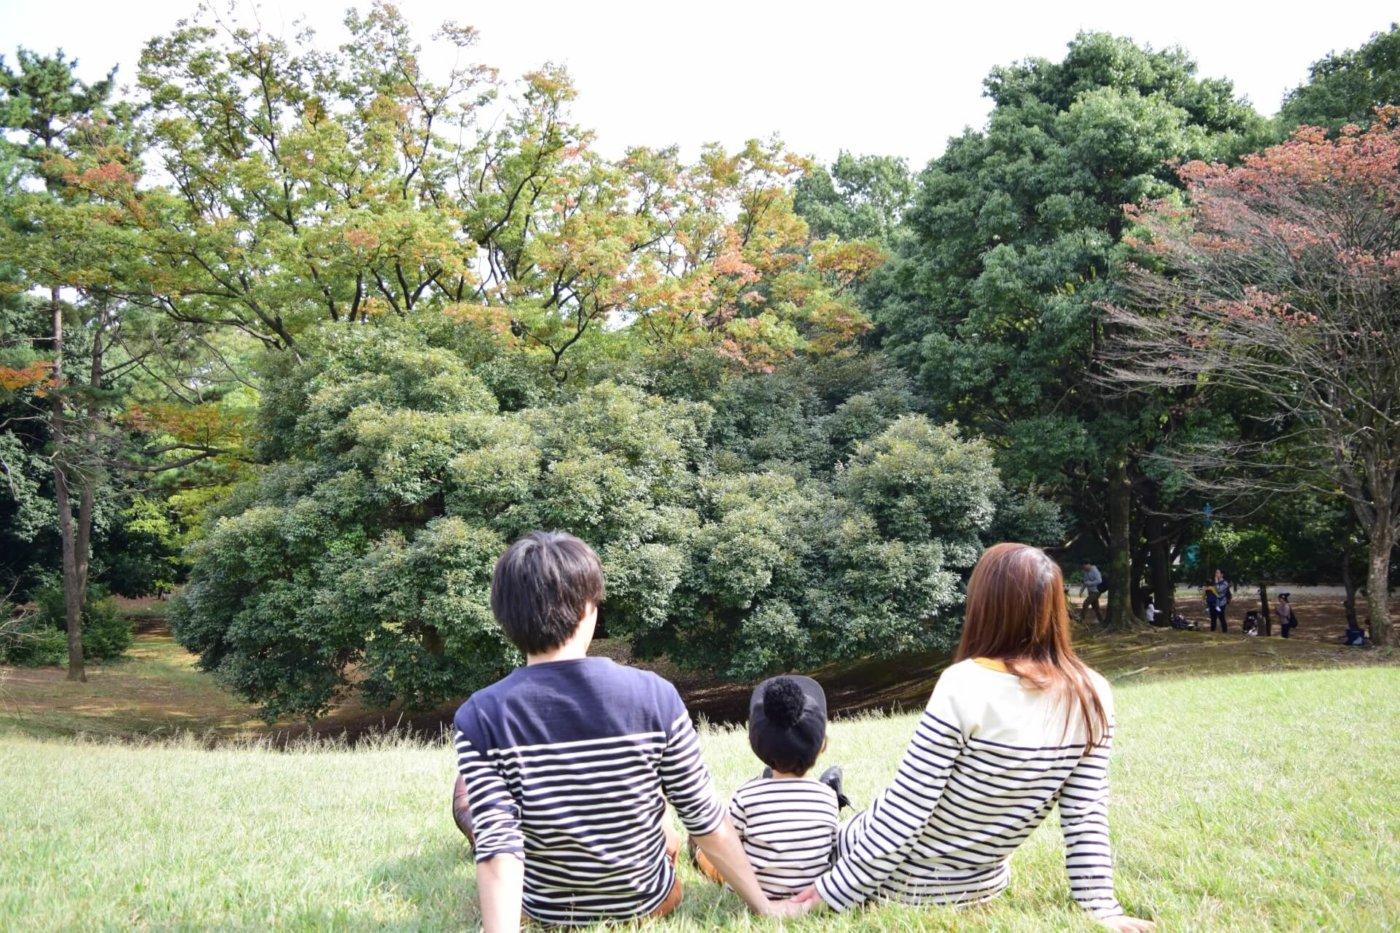 東京都内でもピクニックが楽しめる!お気に入りのスポットをみつけよう